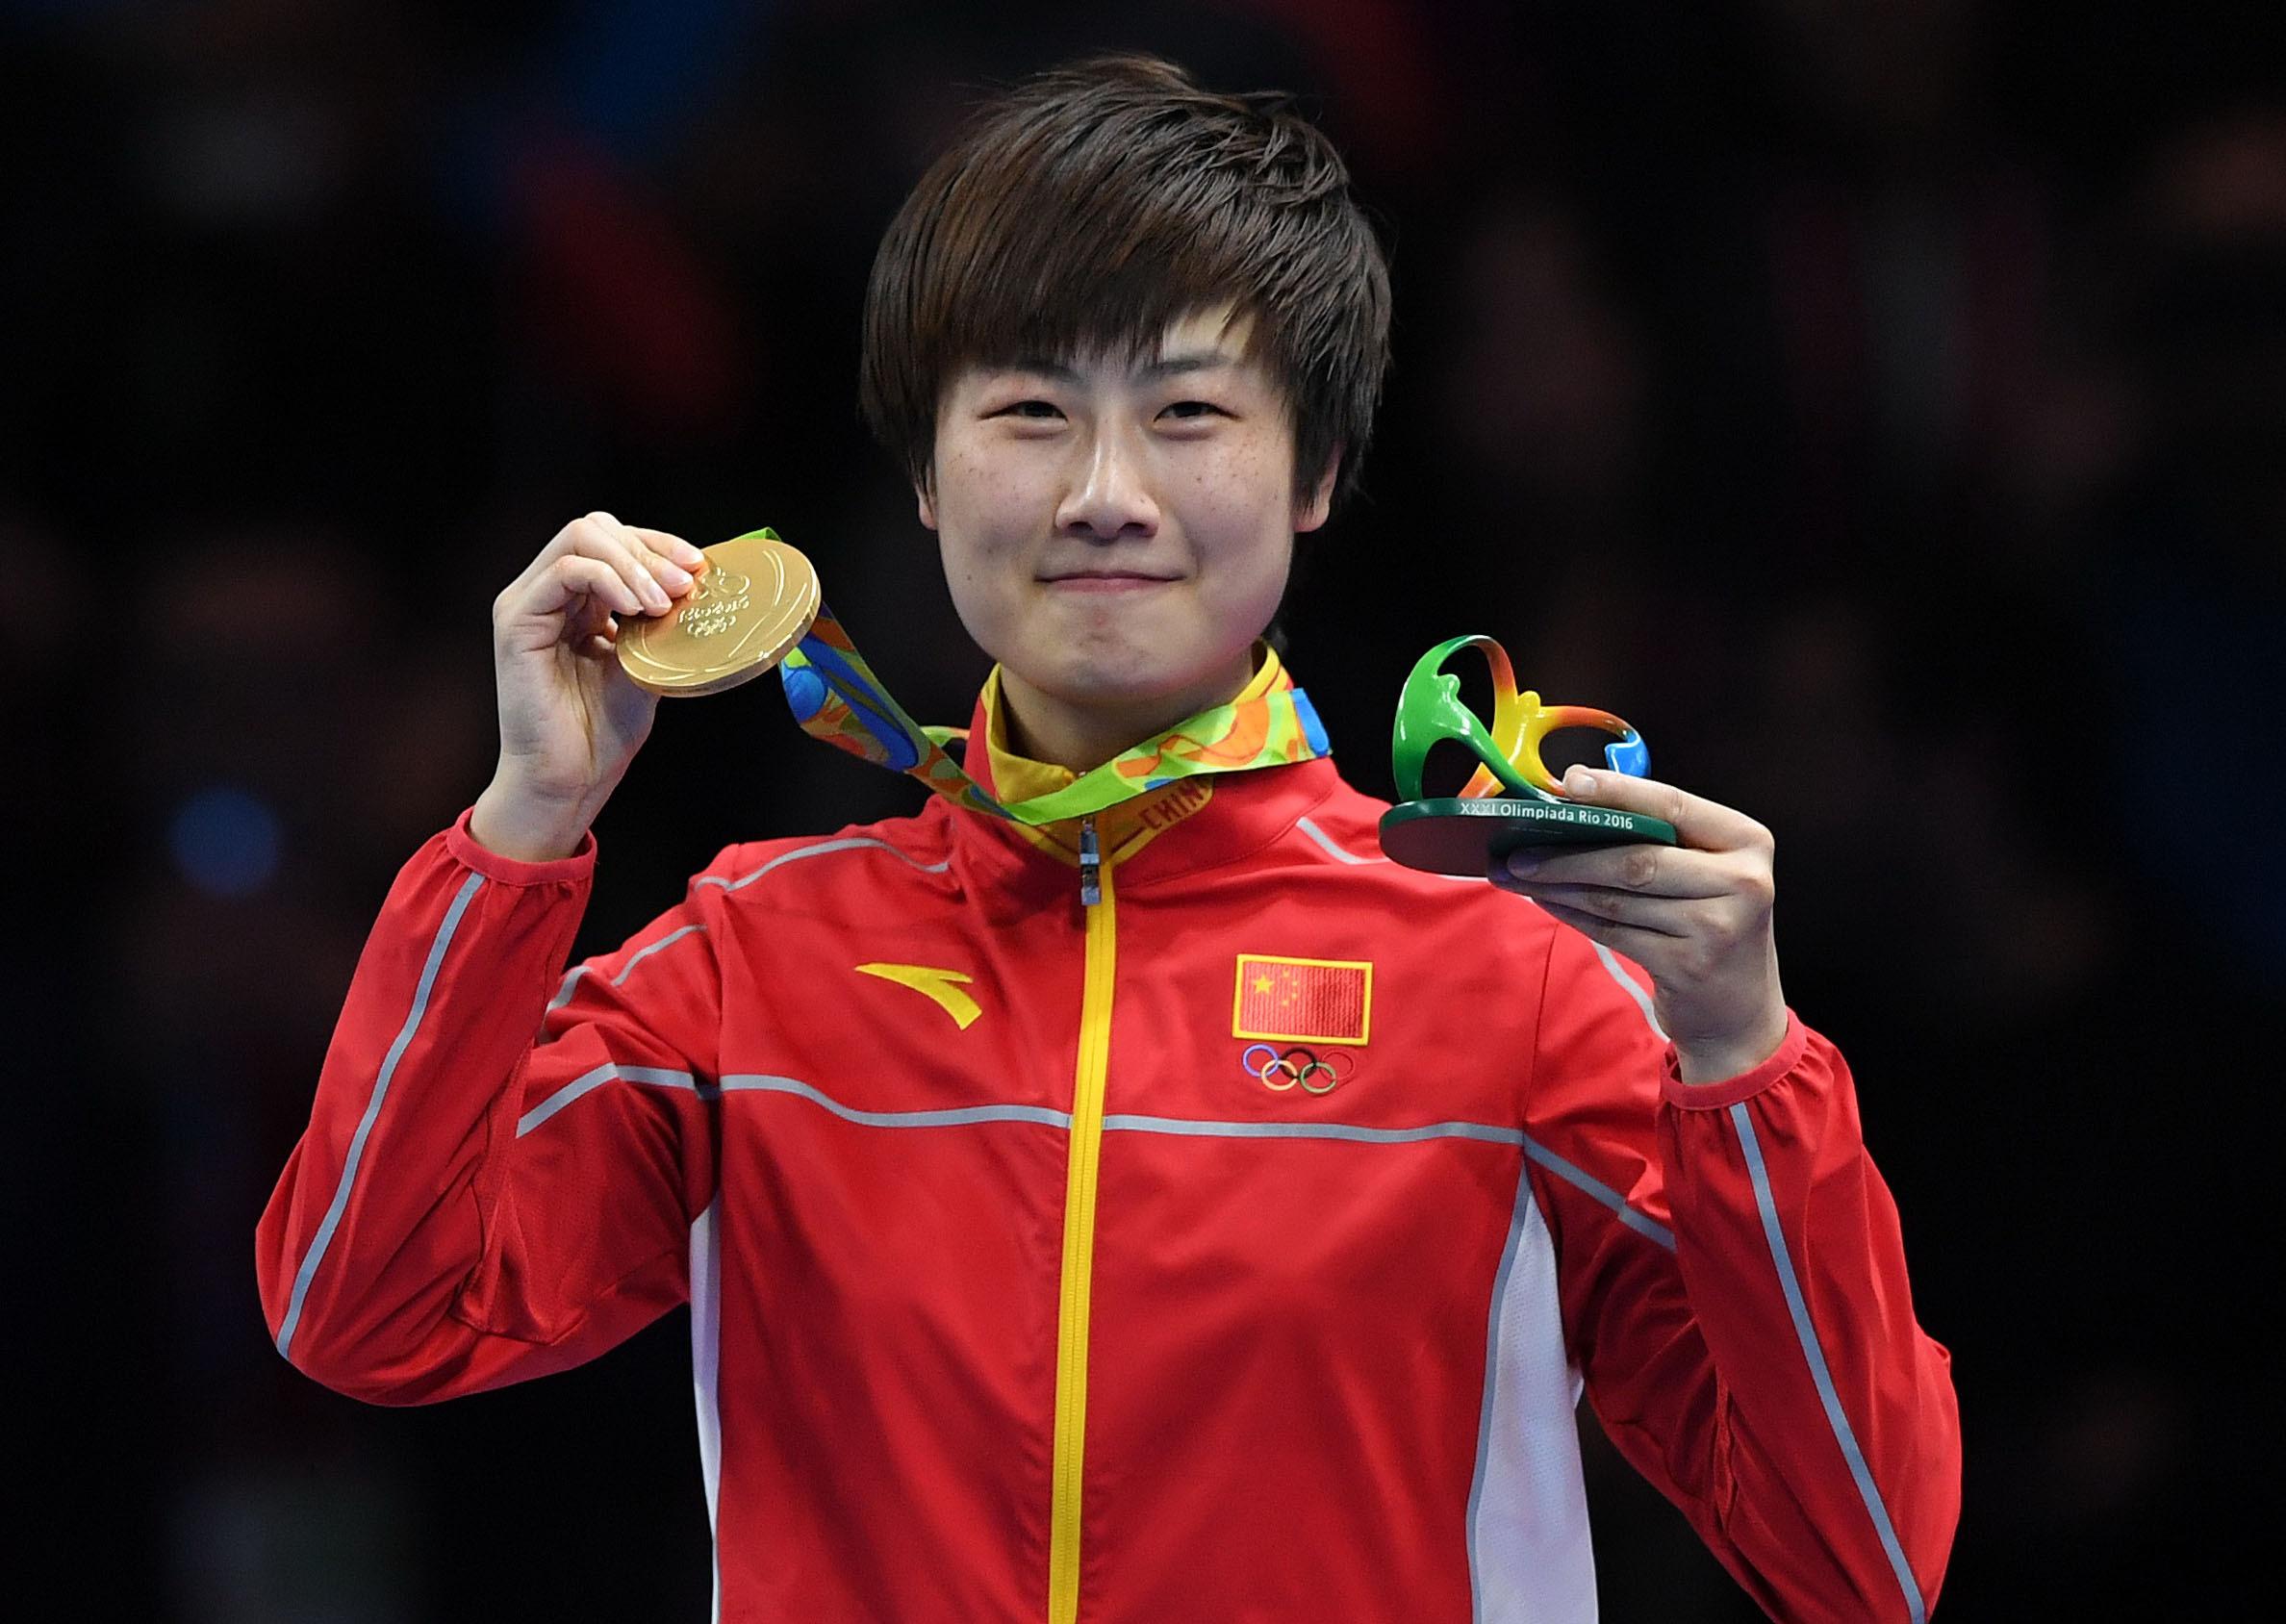 中国选手丁宁在领奖台上。 当日,在2016年里约奥运会乒乓球女单决赛中,中国选手丁宁以4比3战胜同胞李晓霞,夺得冠军。 新华社记者蔺以光摄